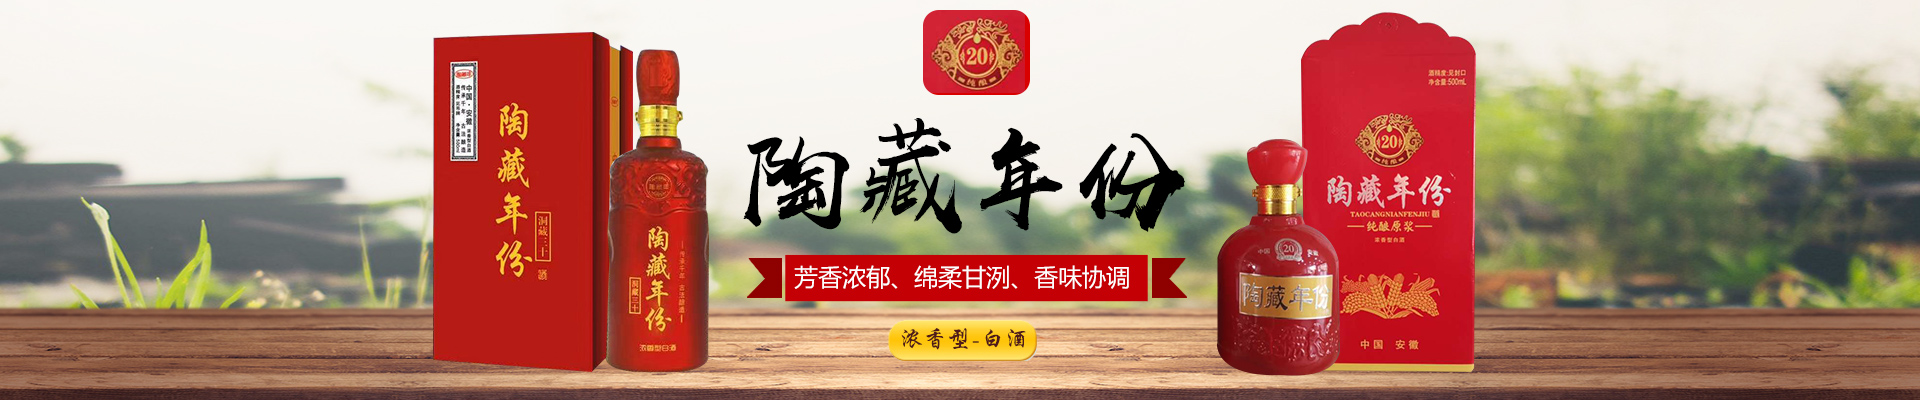 陶藏年份酒全国运营招商中心